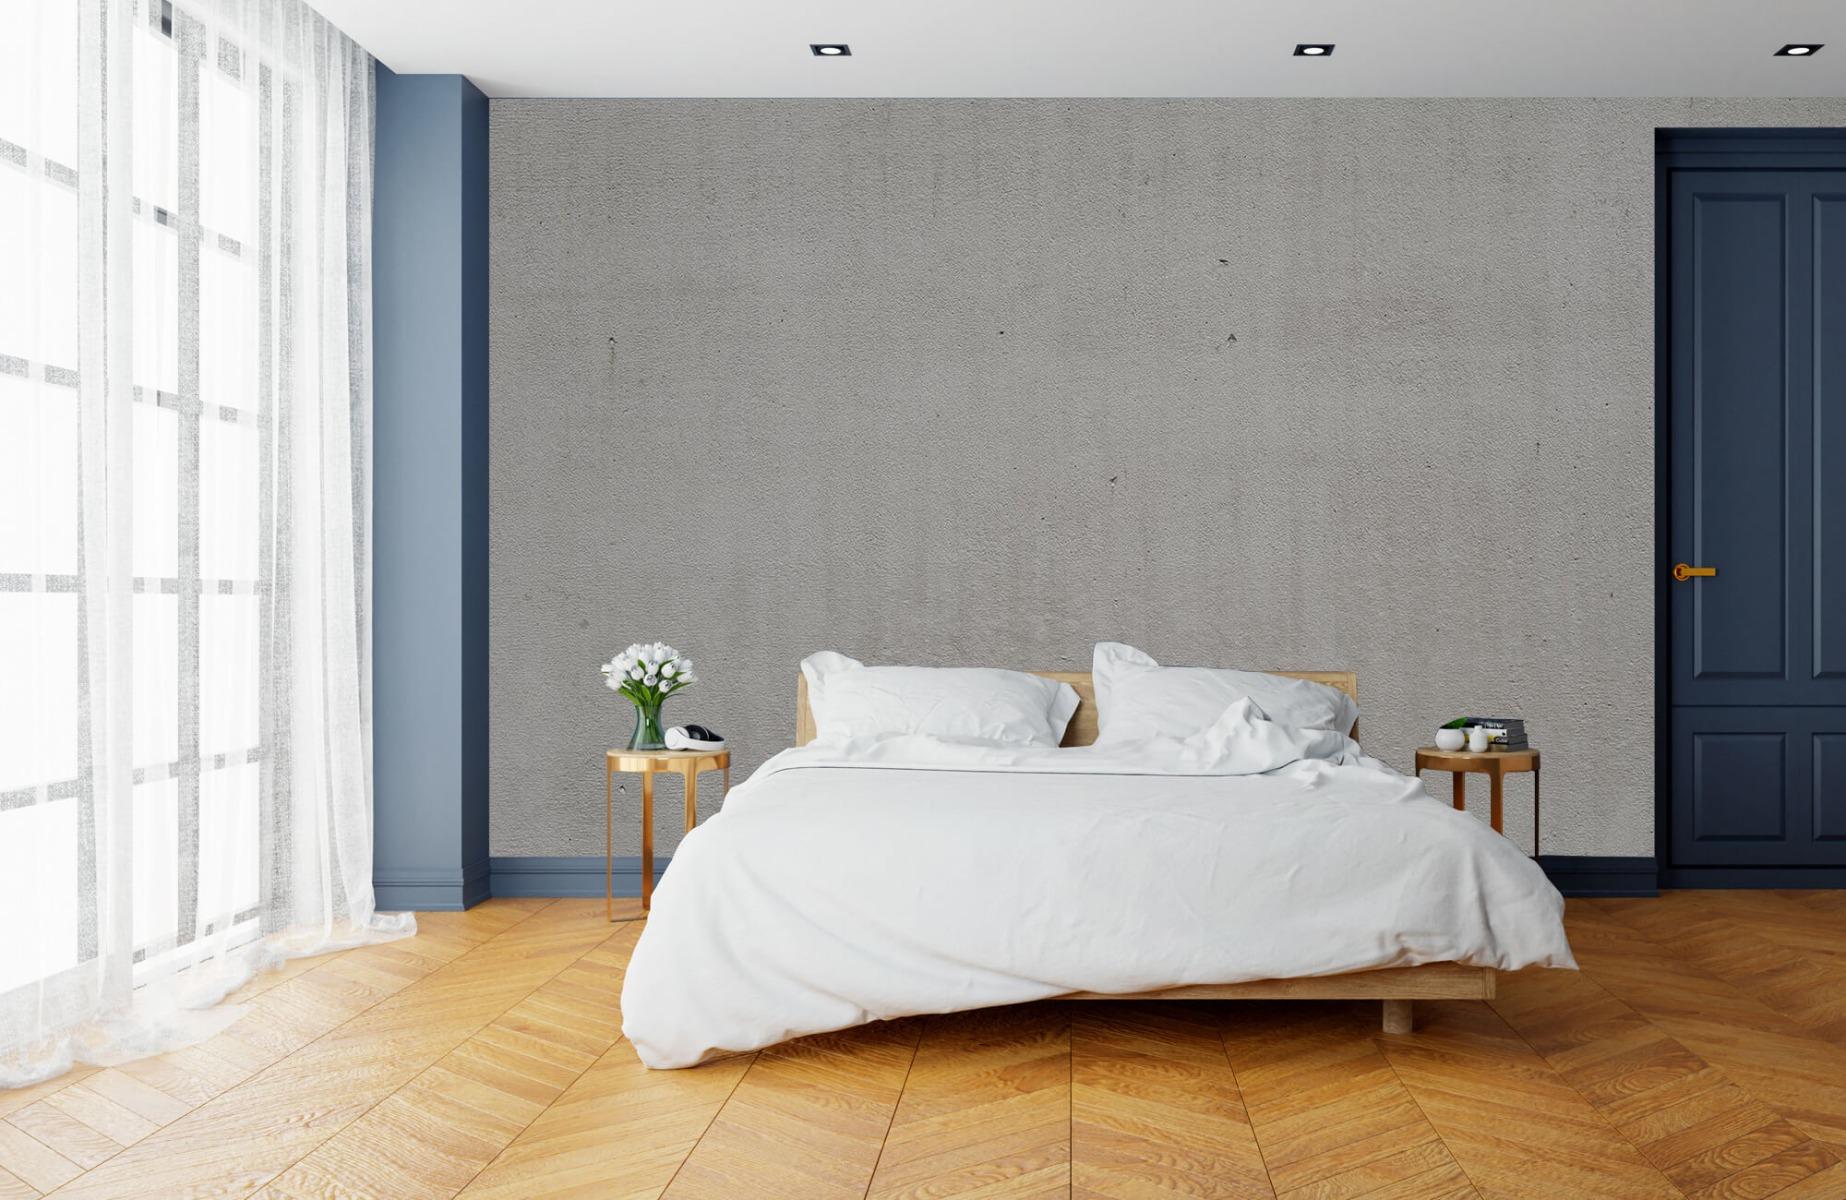 Betonlook behang - Grijs beton - Wallexclusive - Vergaderruimte 15